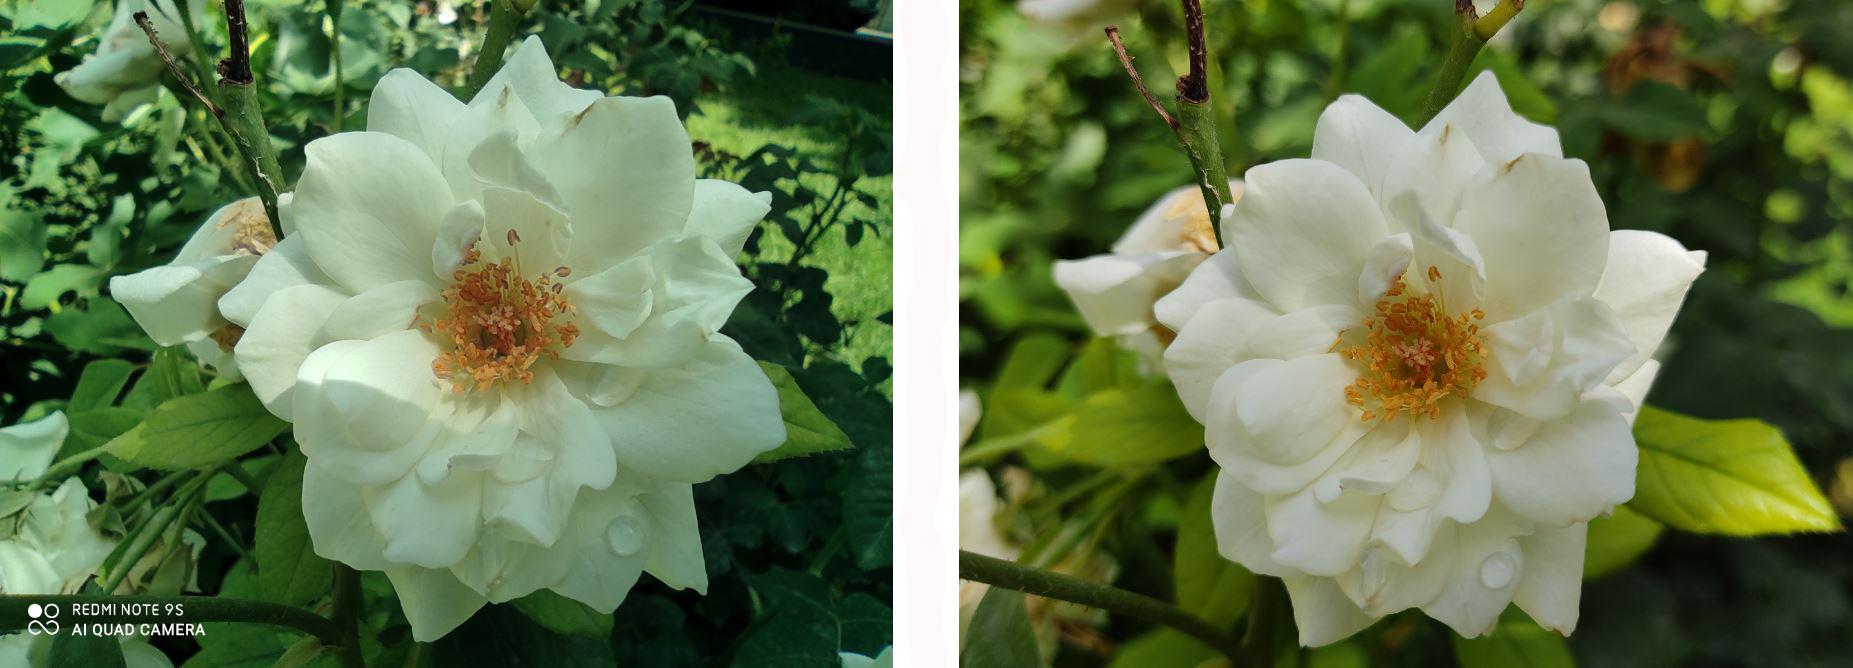 عکس گل ماکرو در برابر عکس گل واید